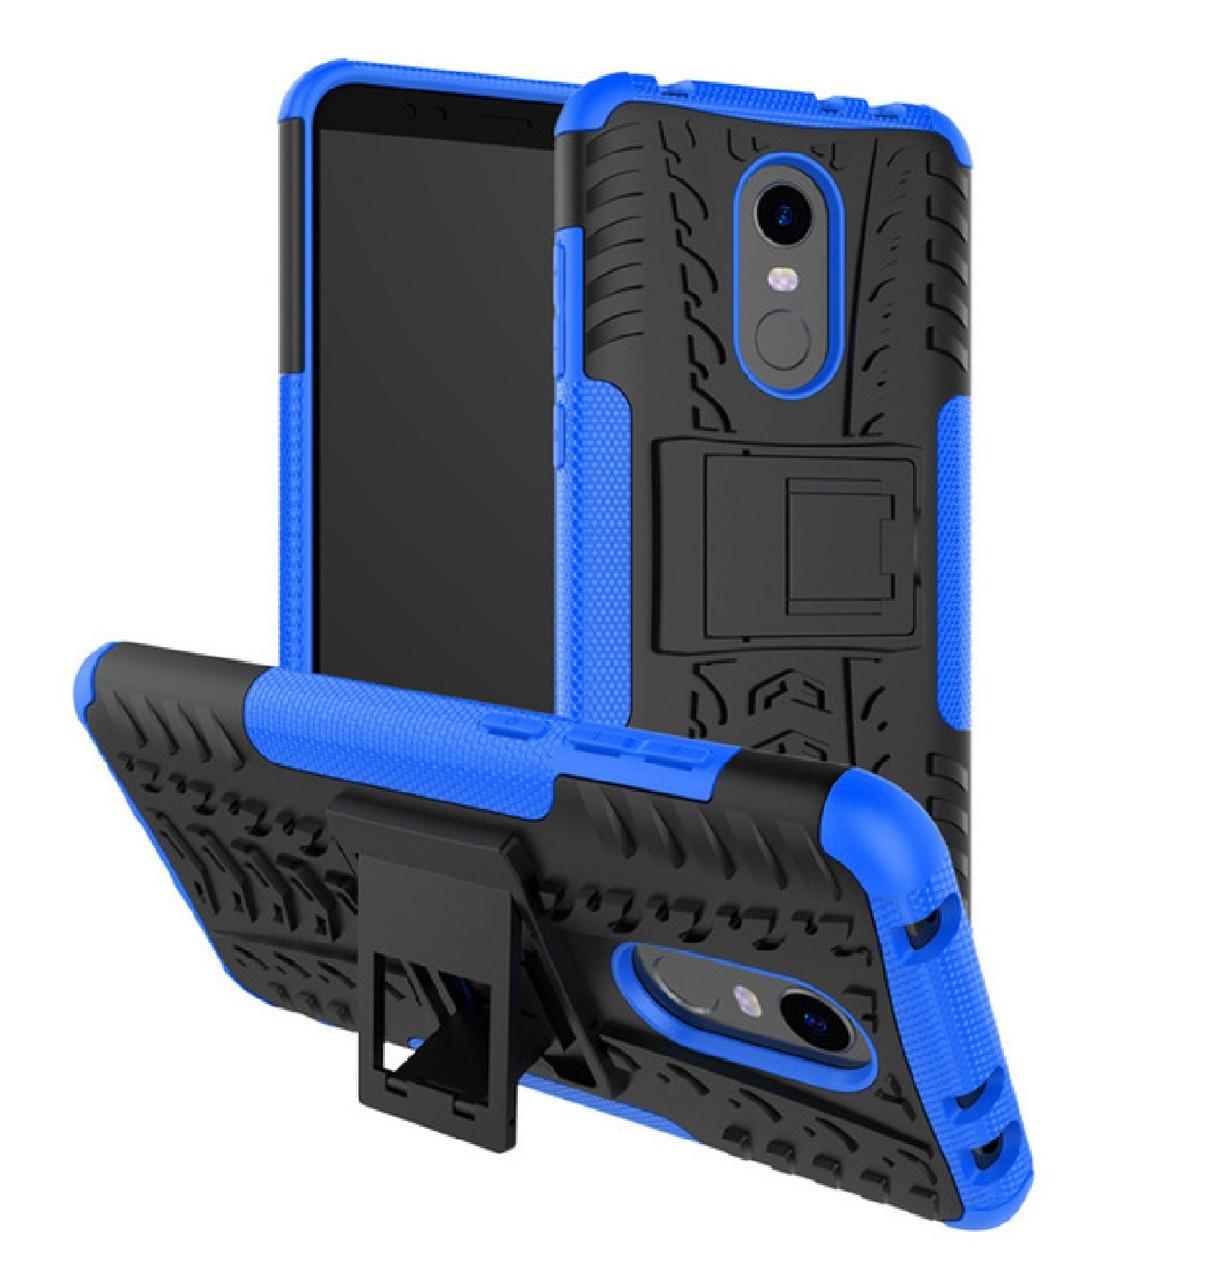 Противоударный двухслойный чехол Shield для Xiaomi Redmi 5 Plus Blue